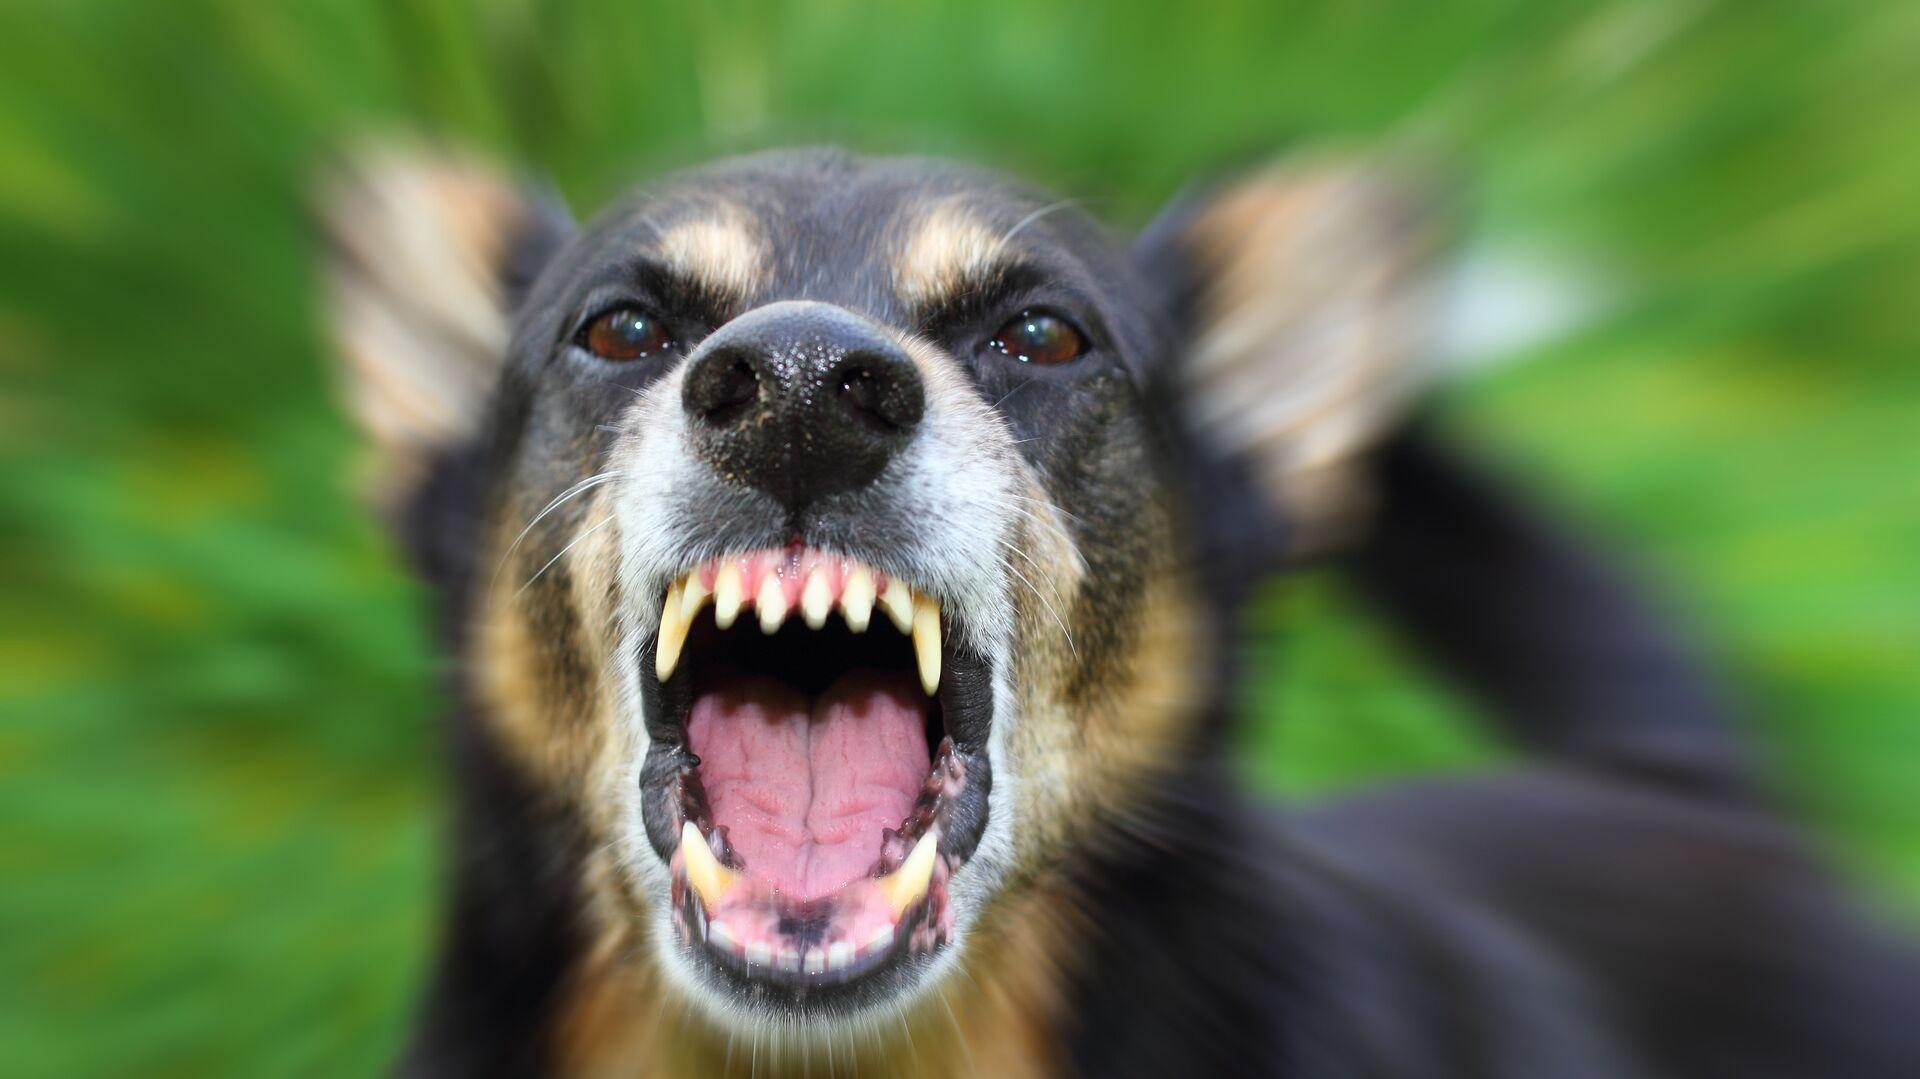 Злая собака - РИА Новости, 1920, 08.07.2020